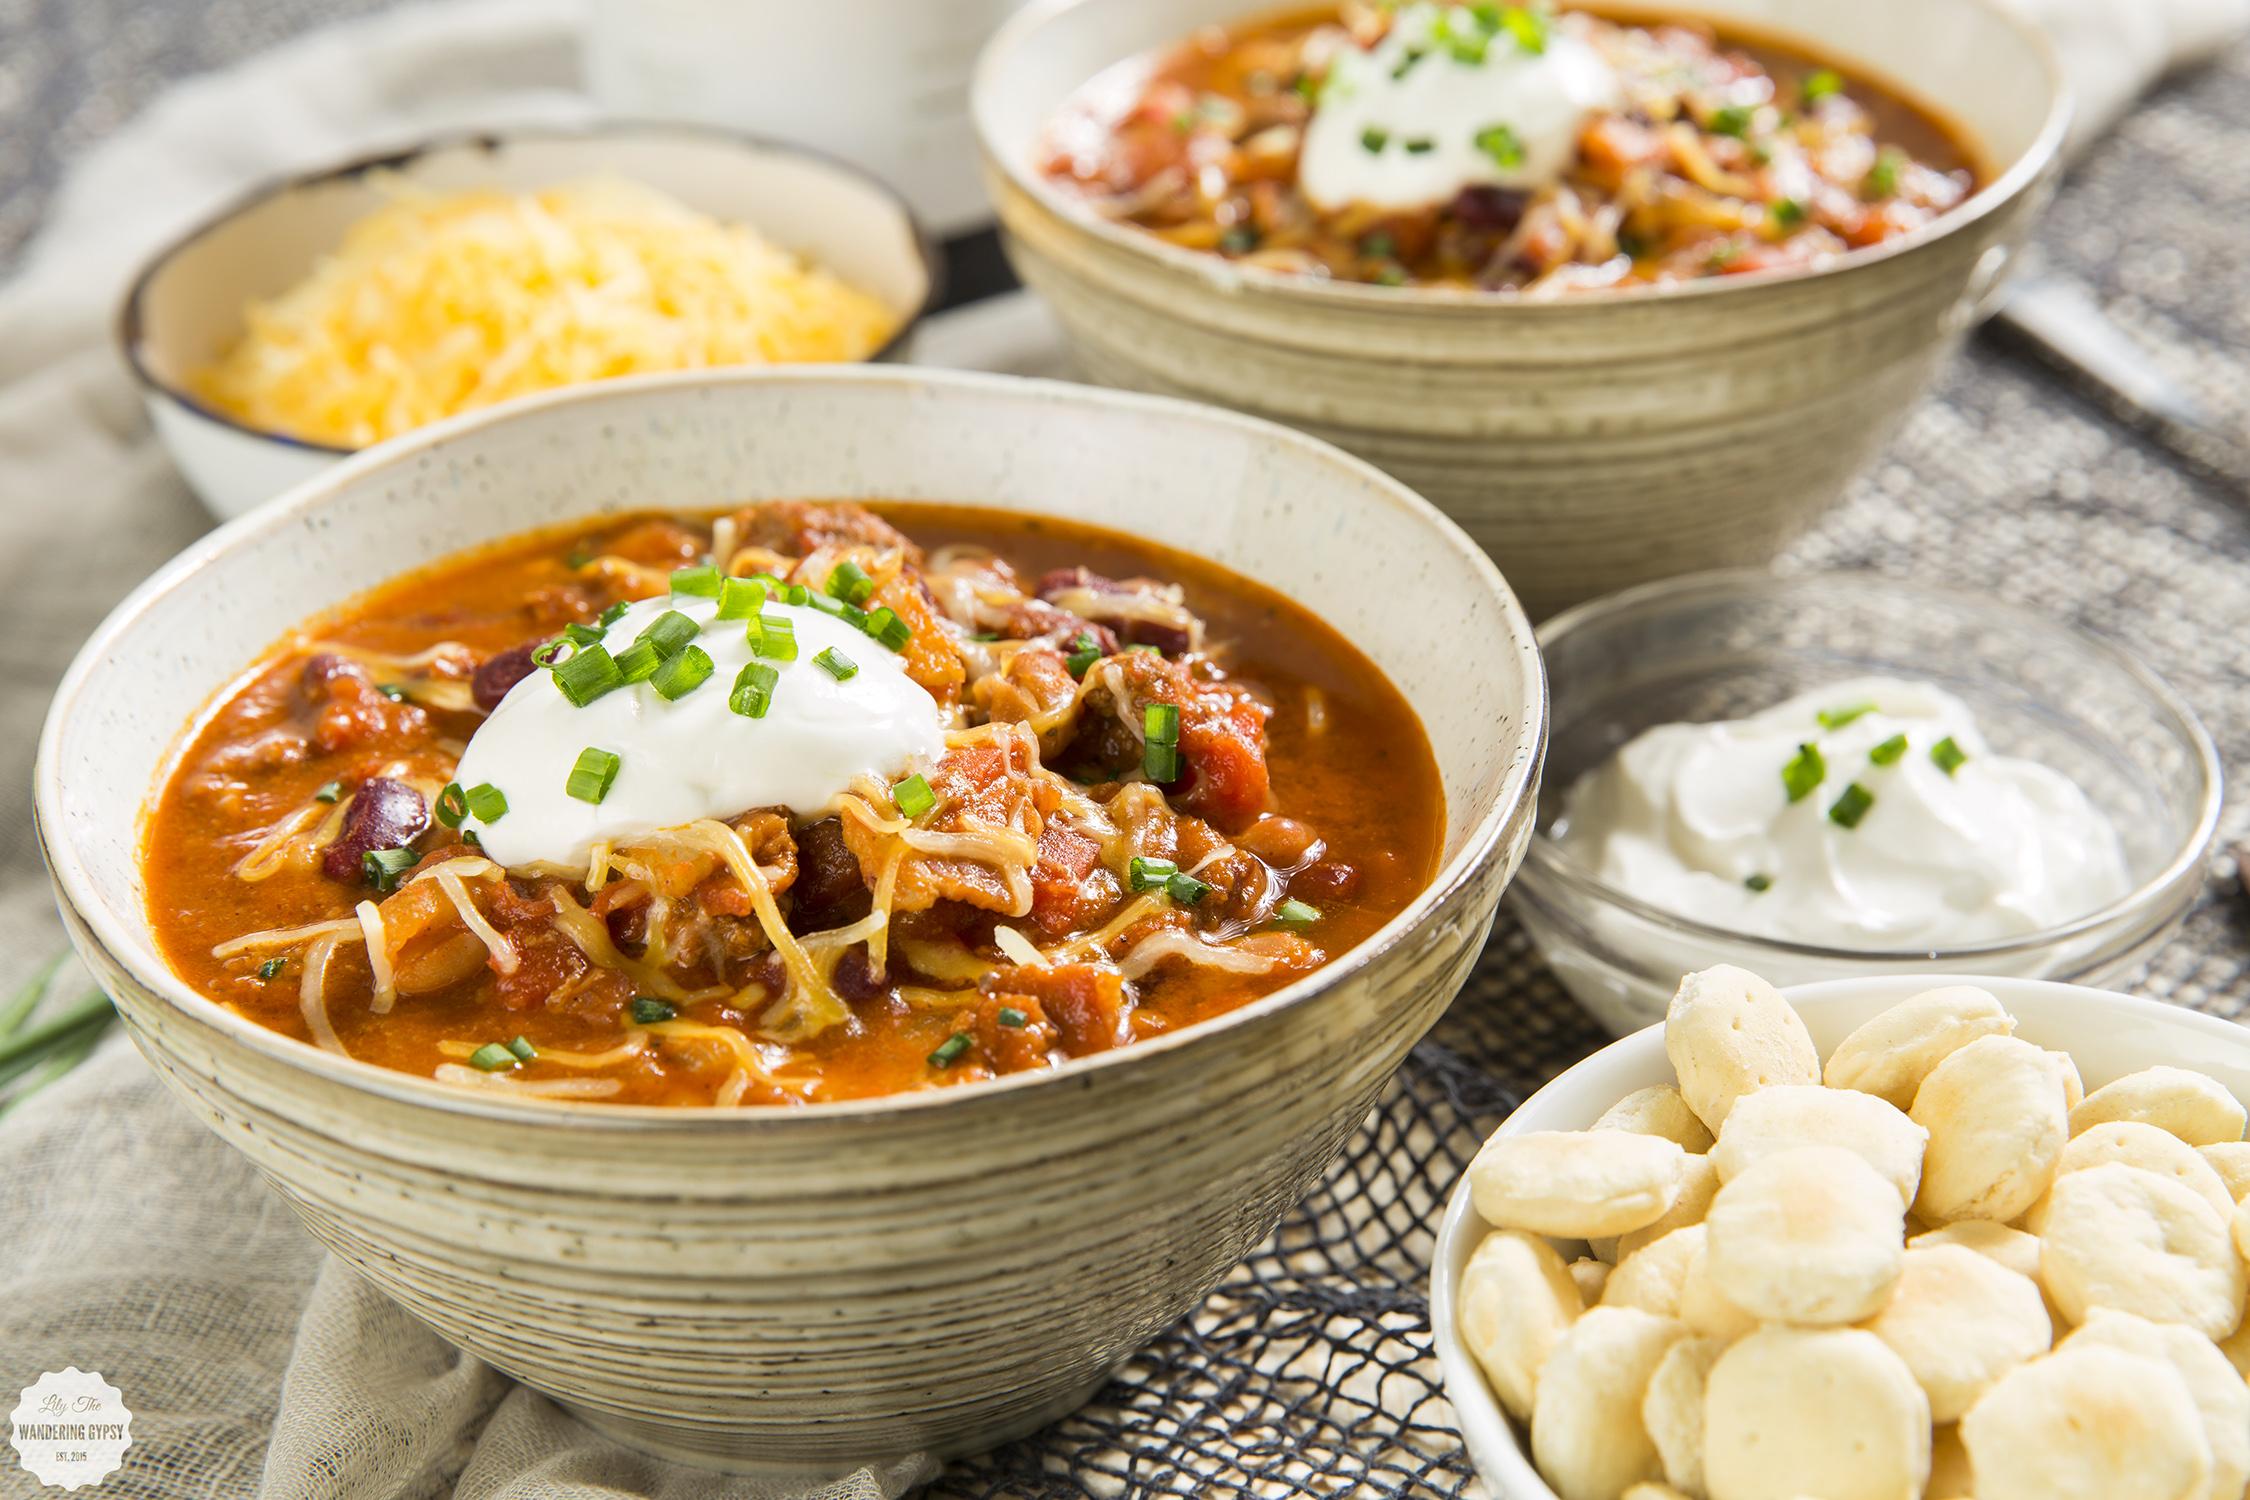 Amazing Chili Recipe! #PickedAtPeak